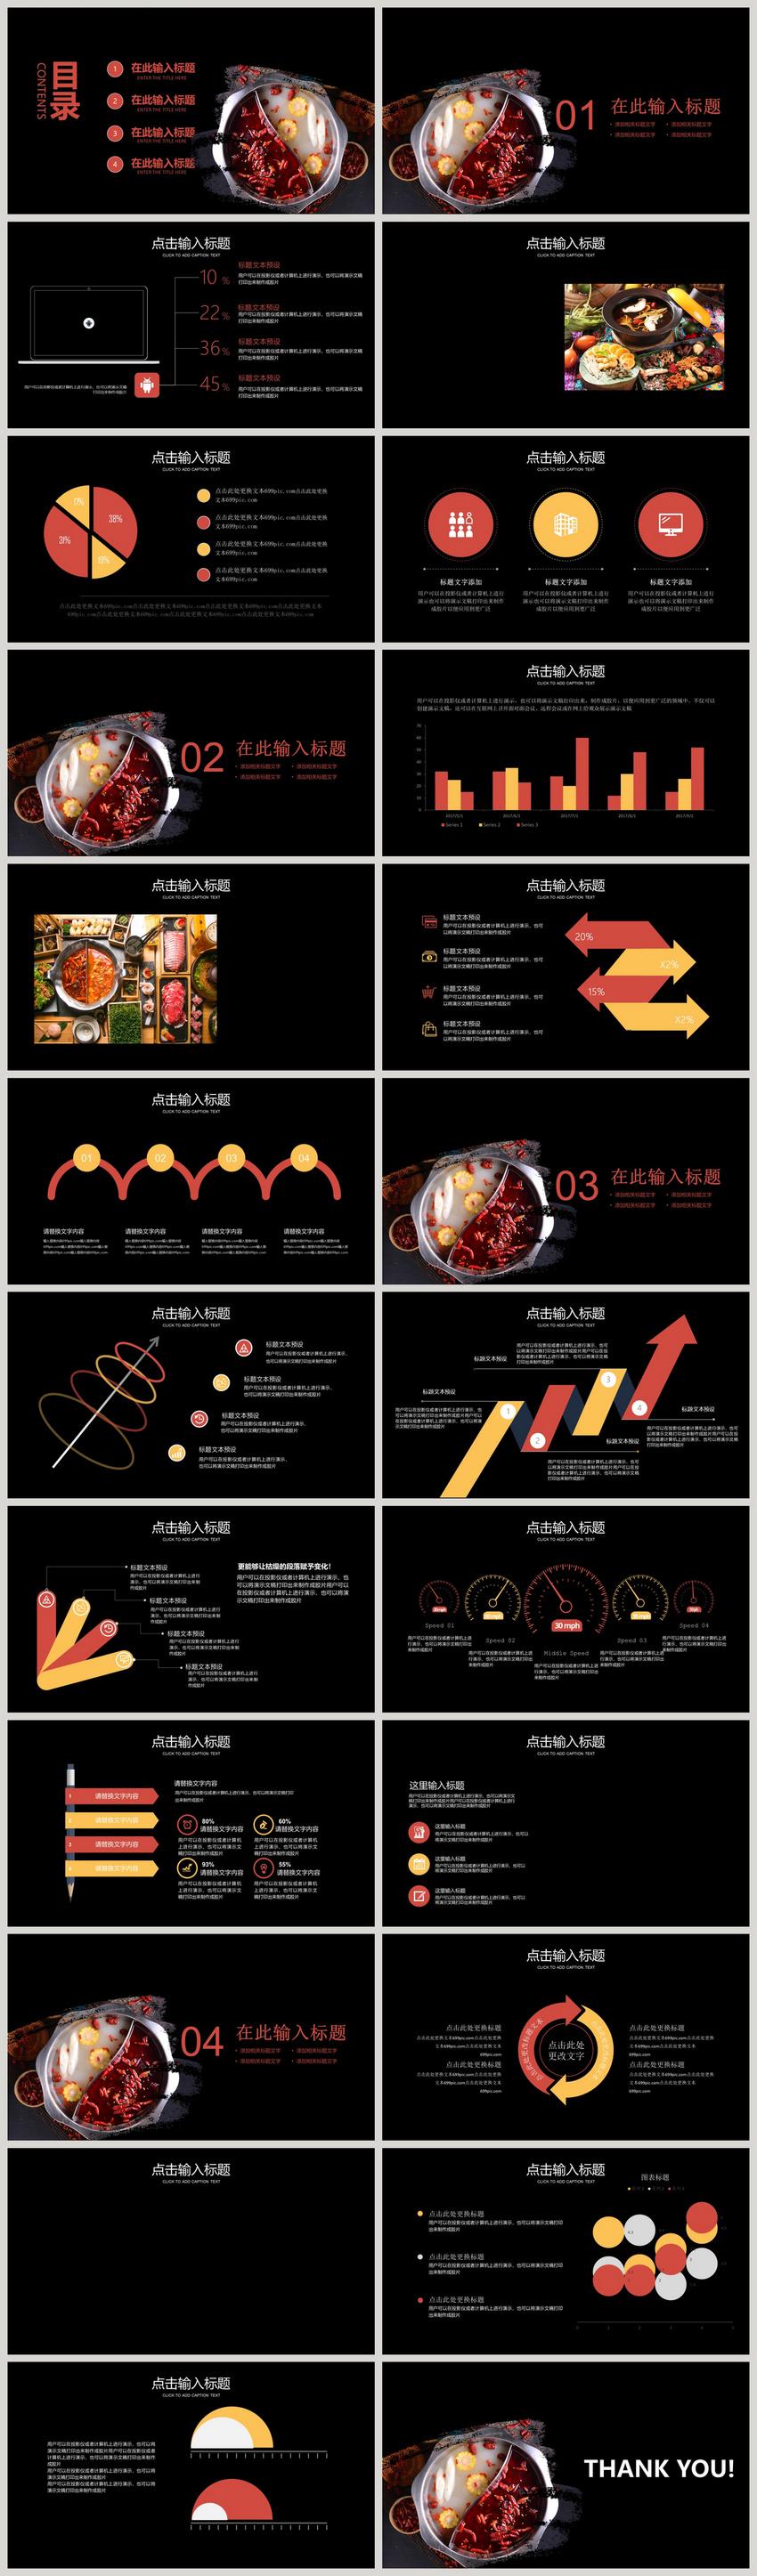 火锅文化美食PPT模板图片